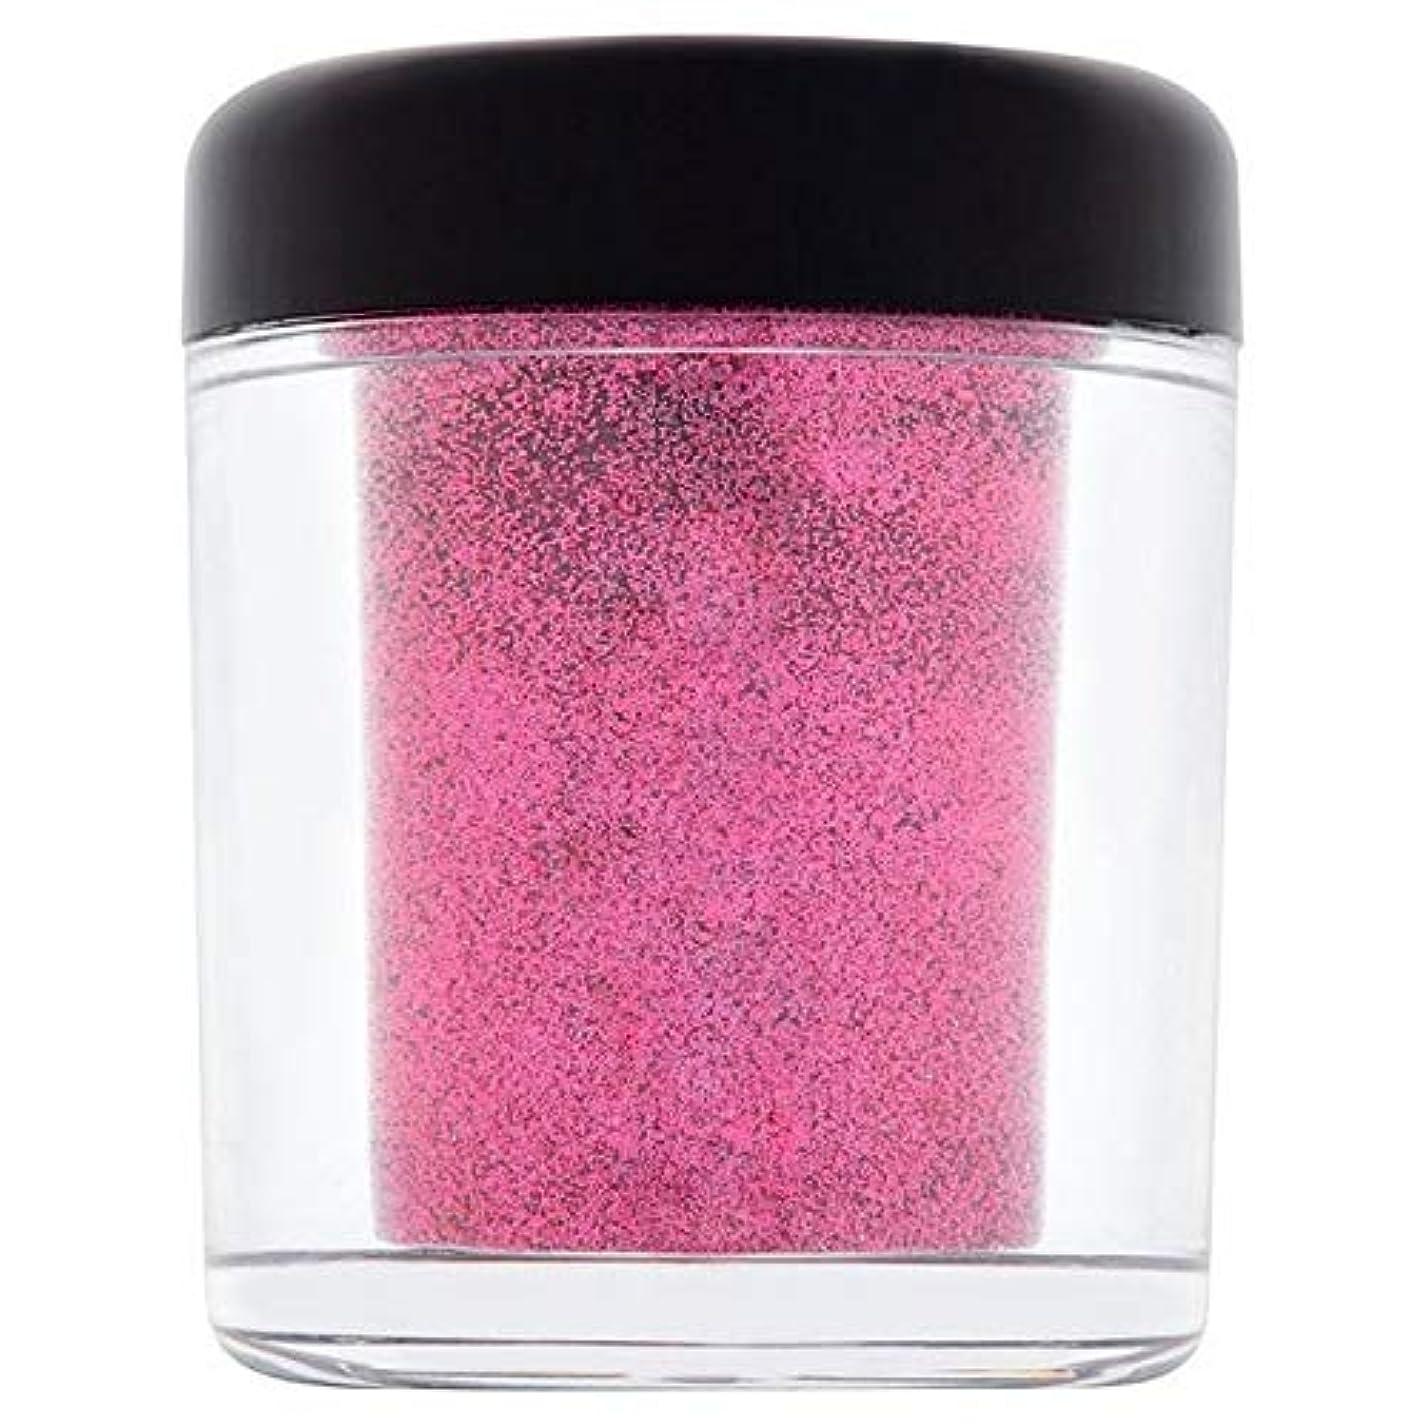 コンセンサスタイムリーな反対[Collection ] 収集グラムの結晶フェイス&ボディグリッター誘惑4 - Collection Glam Crystals Face & Body Glitter Temptation 4 [並行輸入品]